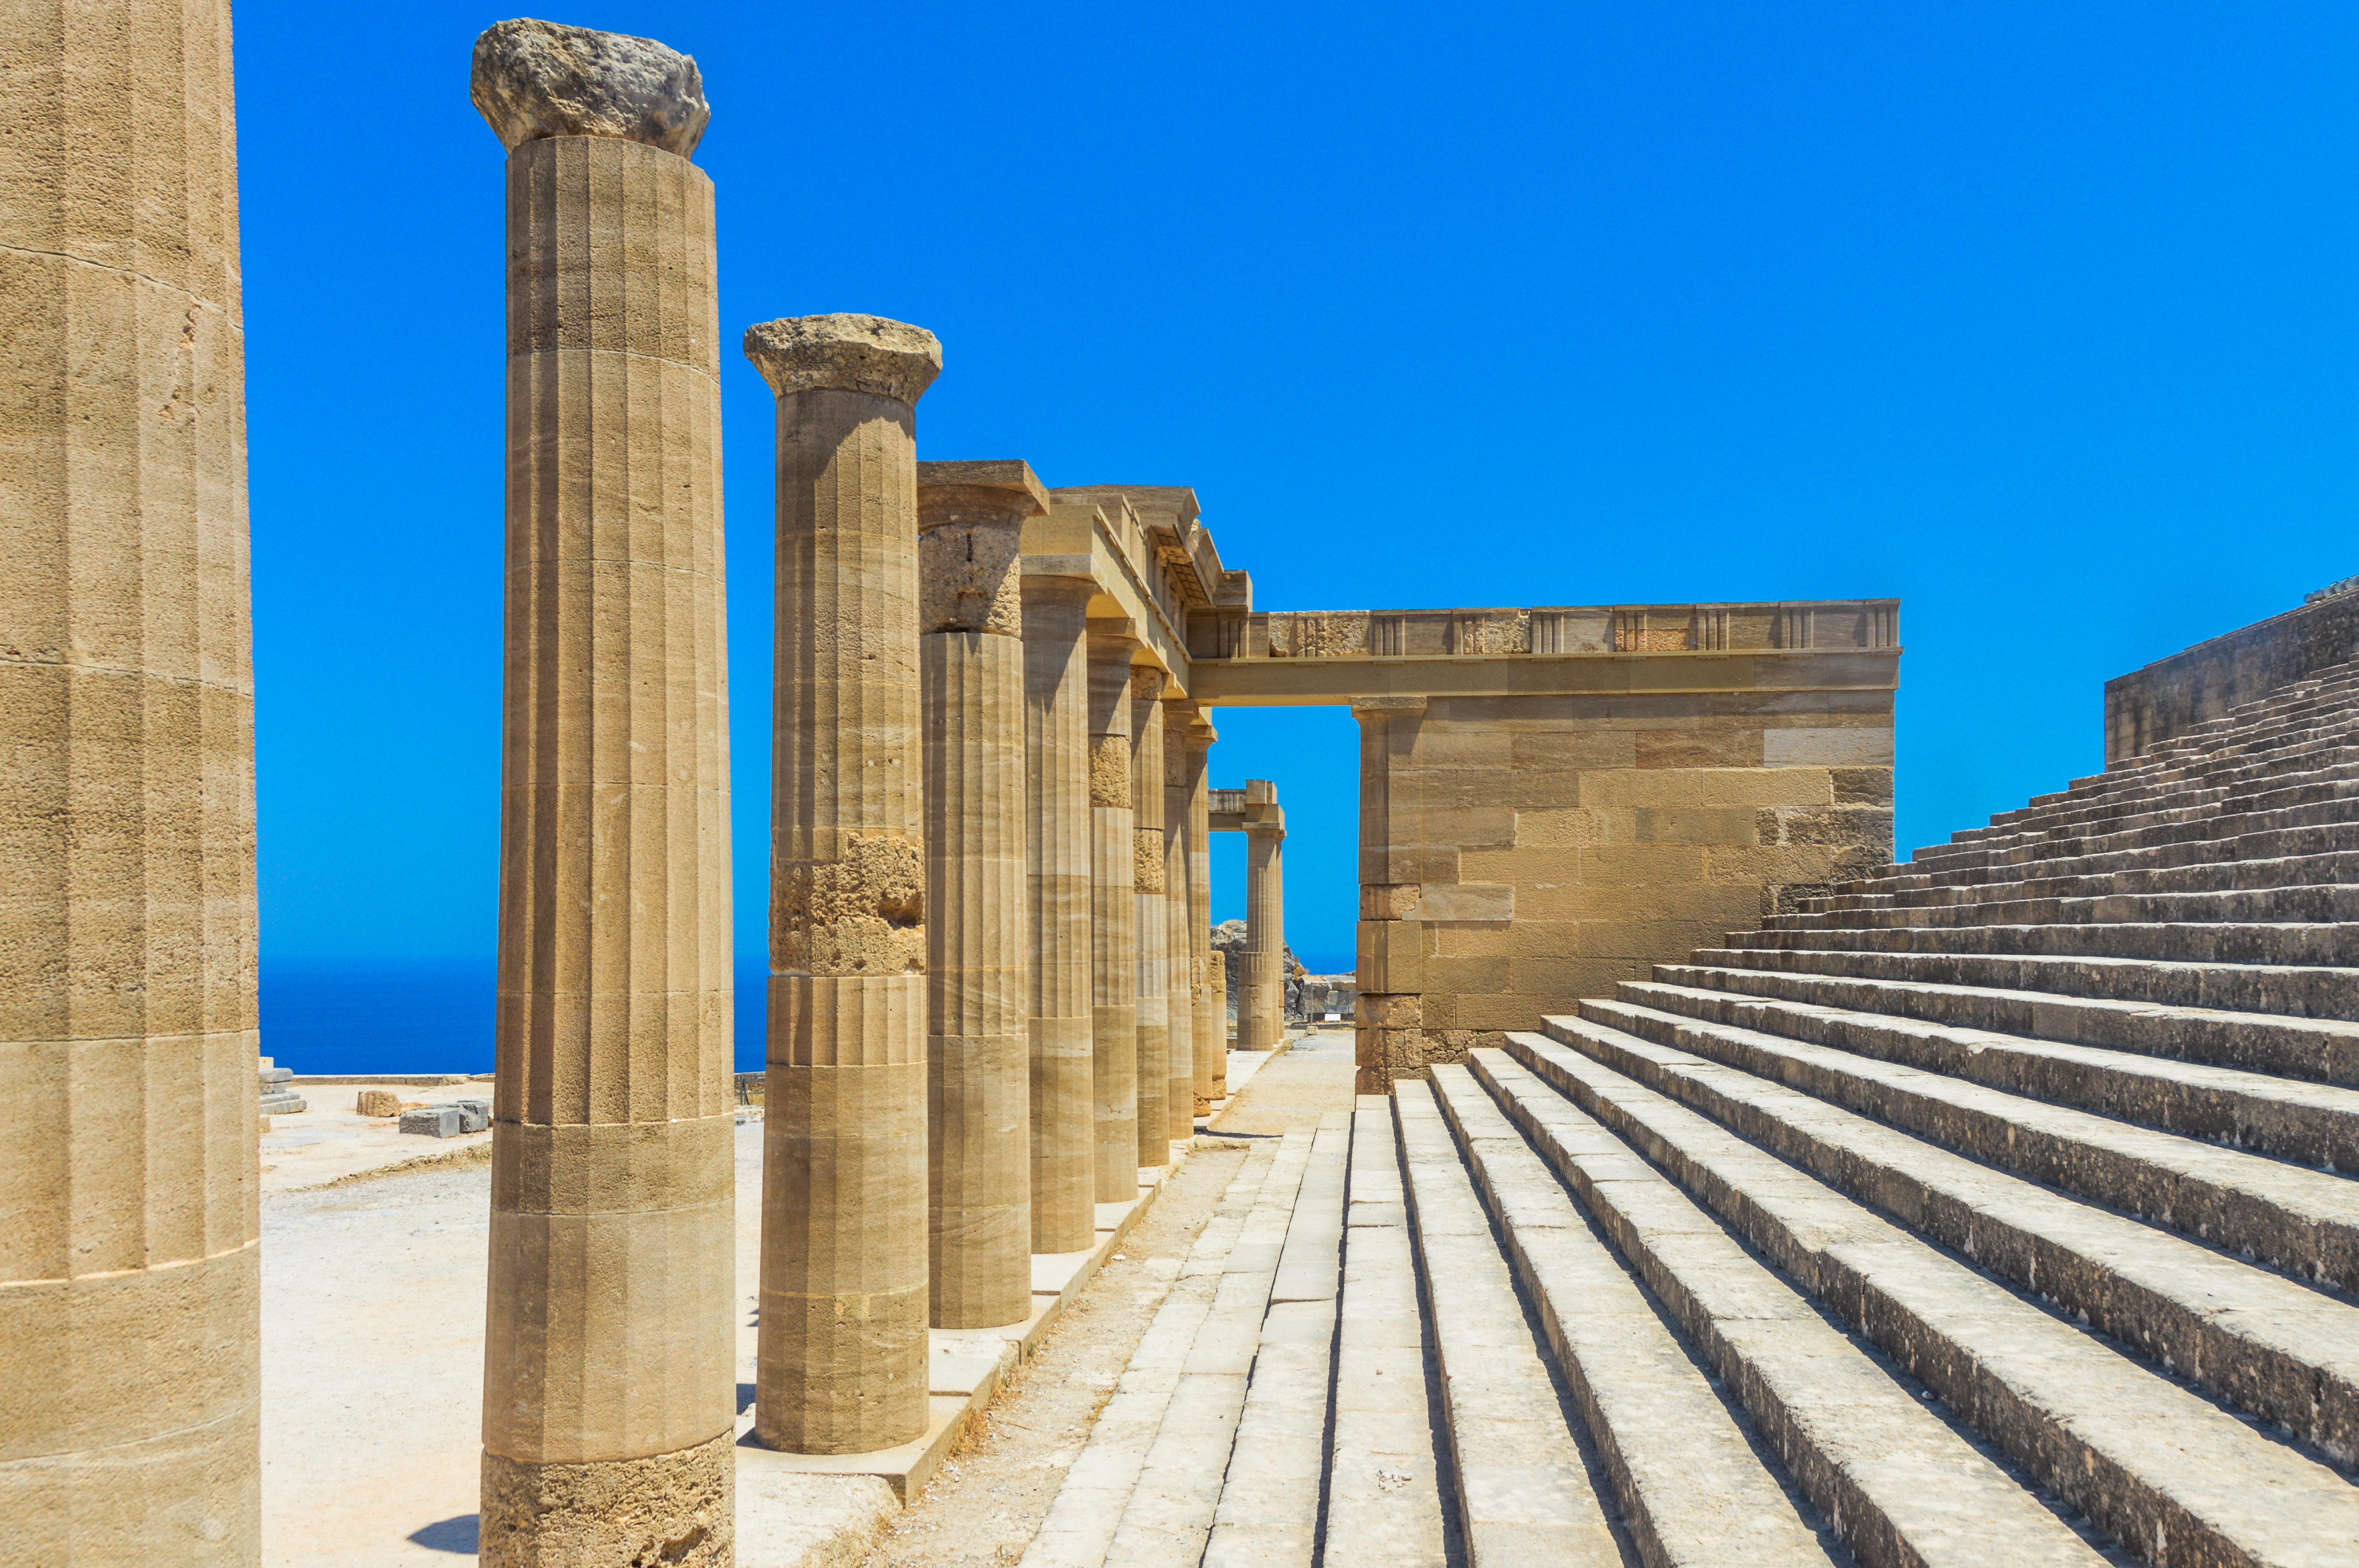 Βιώσιμη τουριστική ανάπτυξη στην Ελλάδα: Ρεαλισμός ή